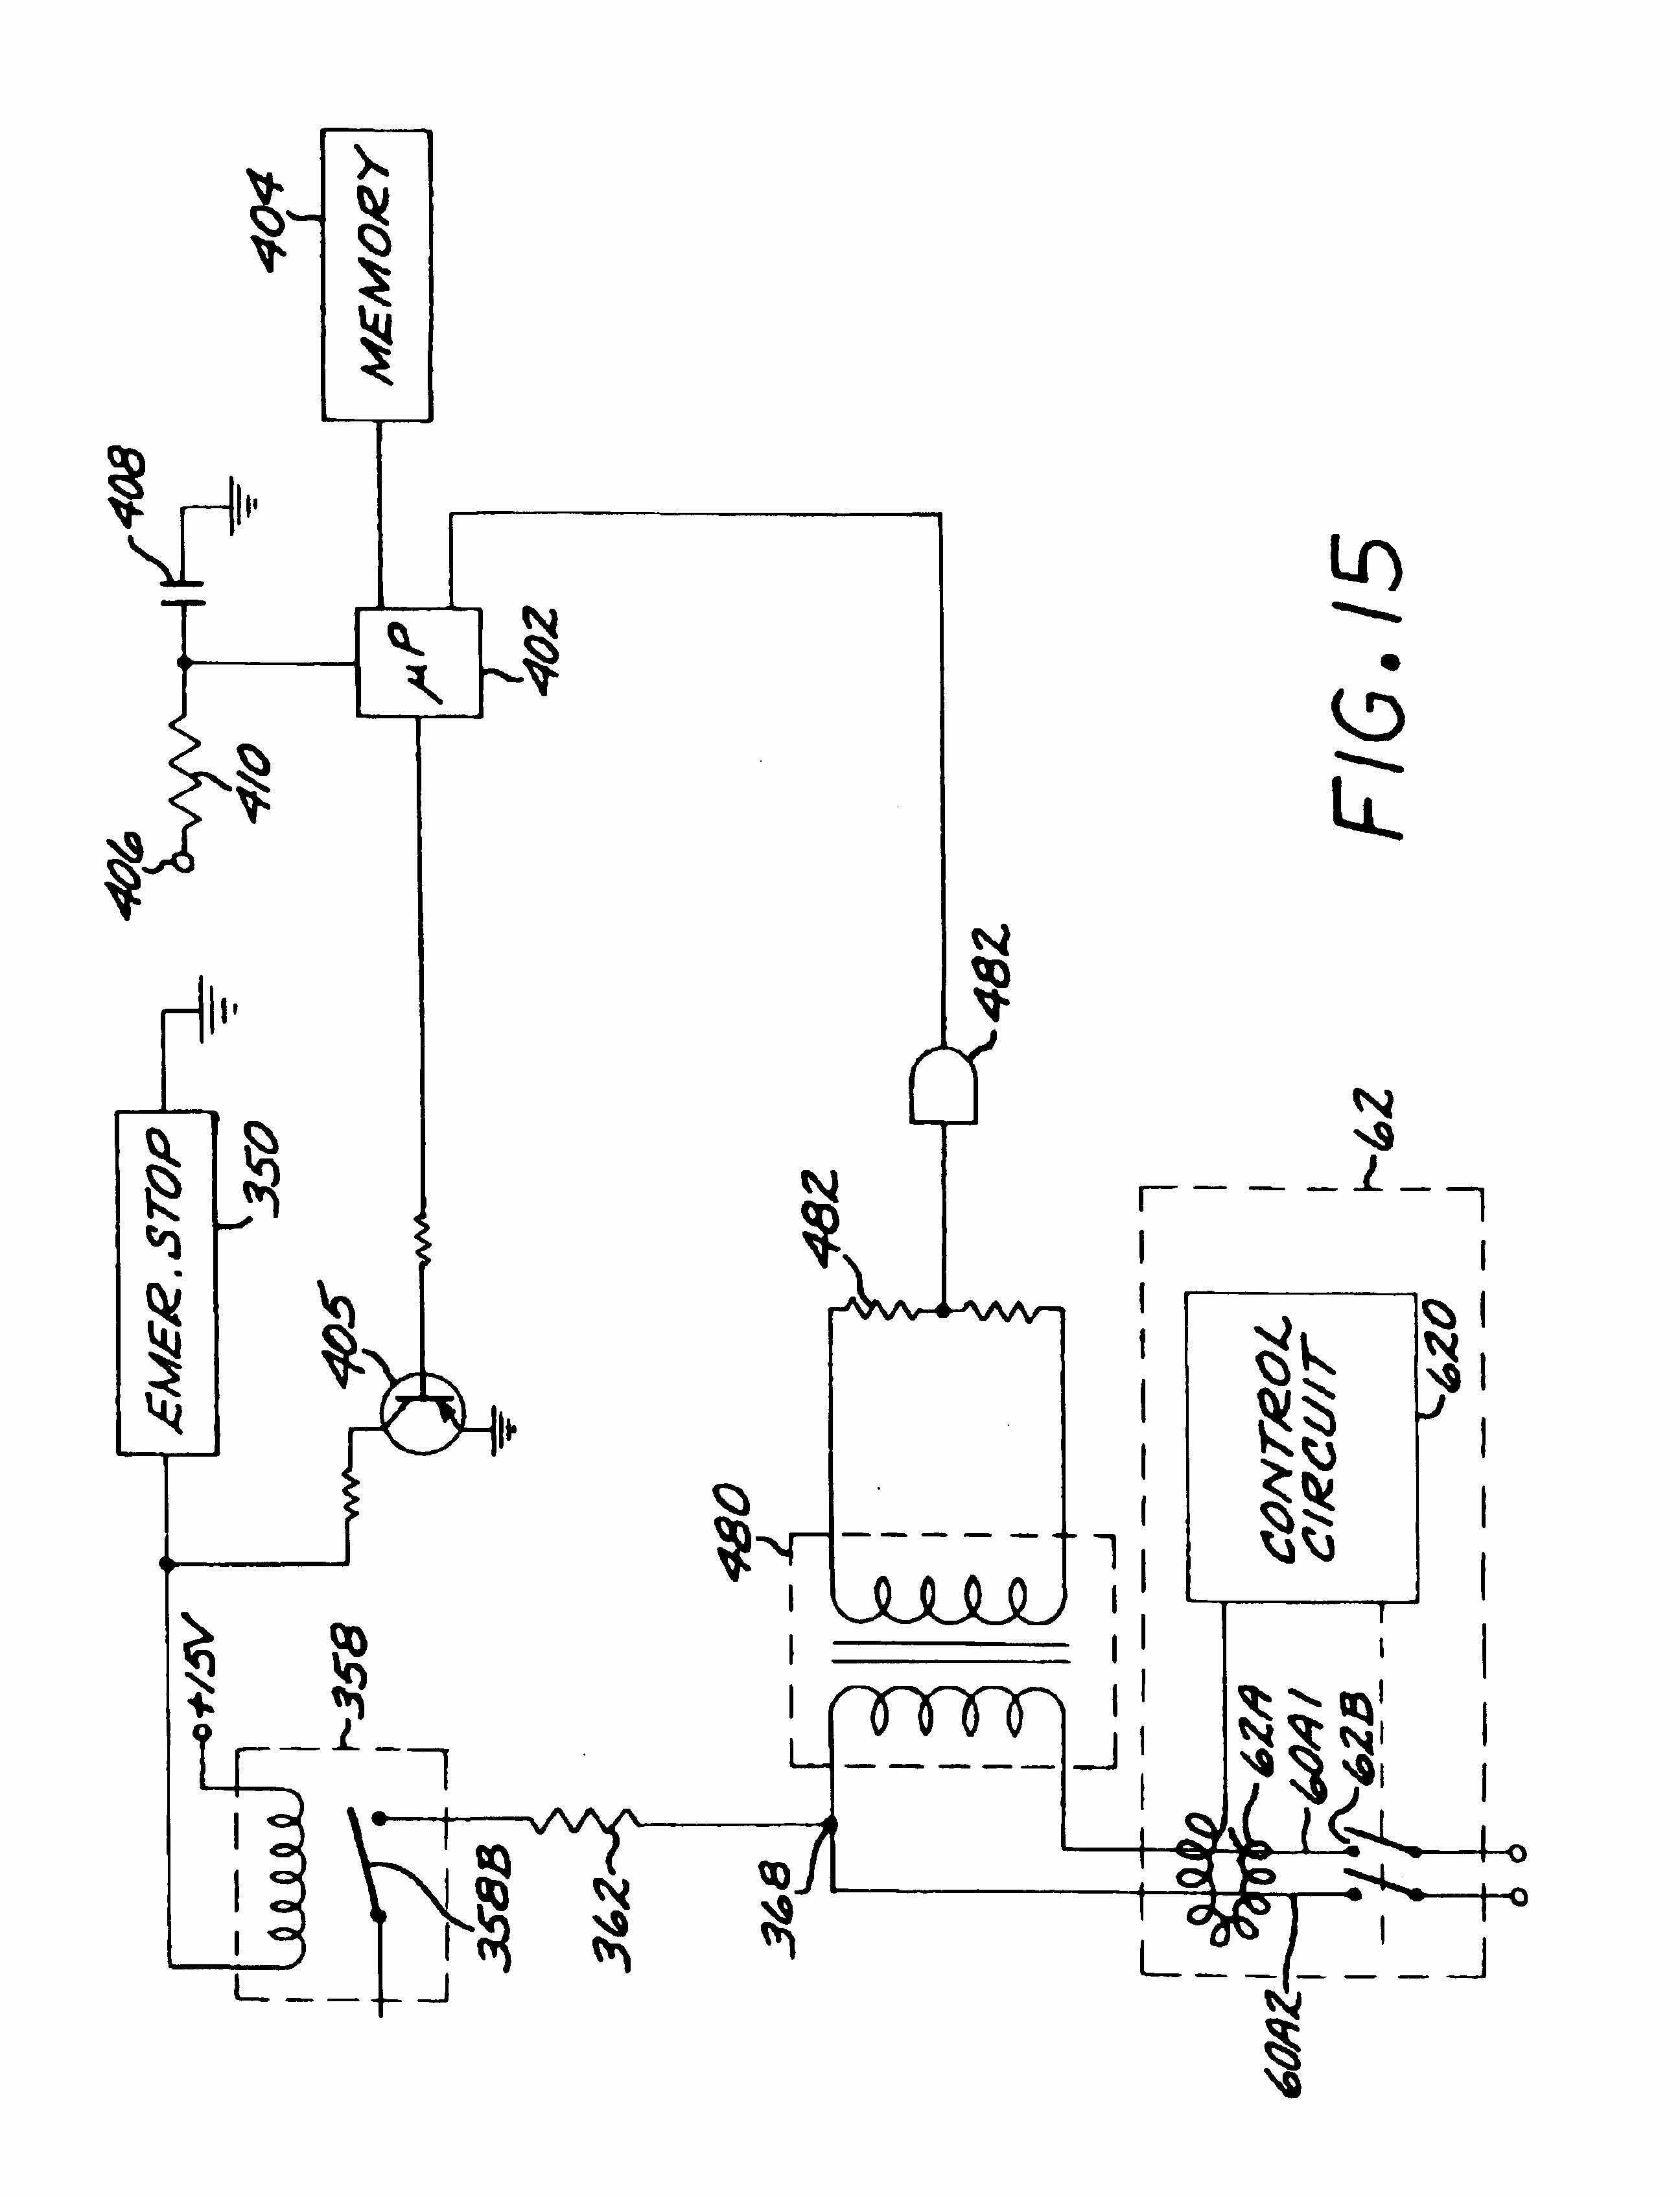 hayward pool pump wiring schematic